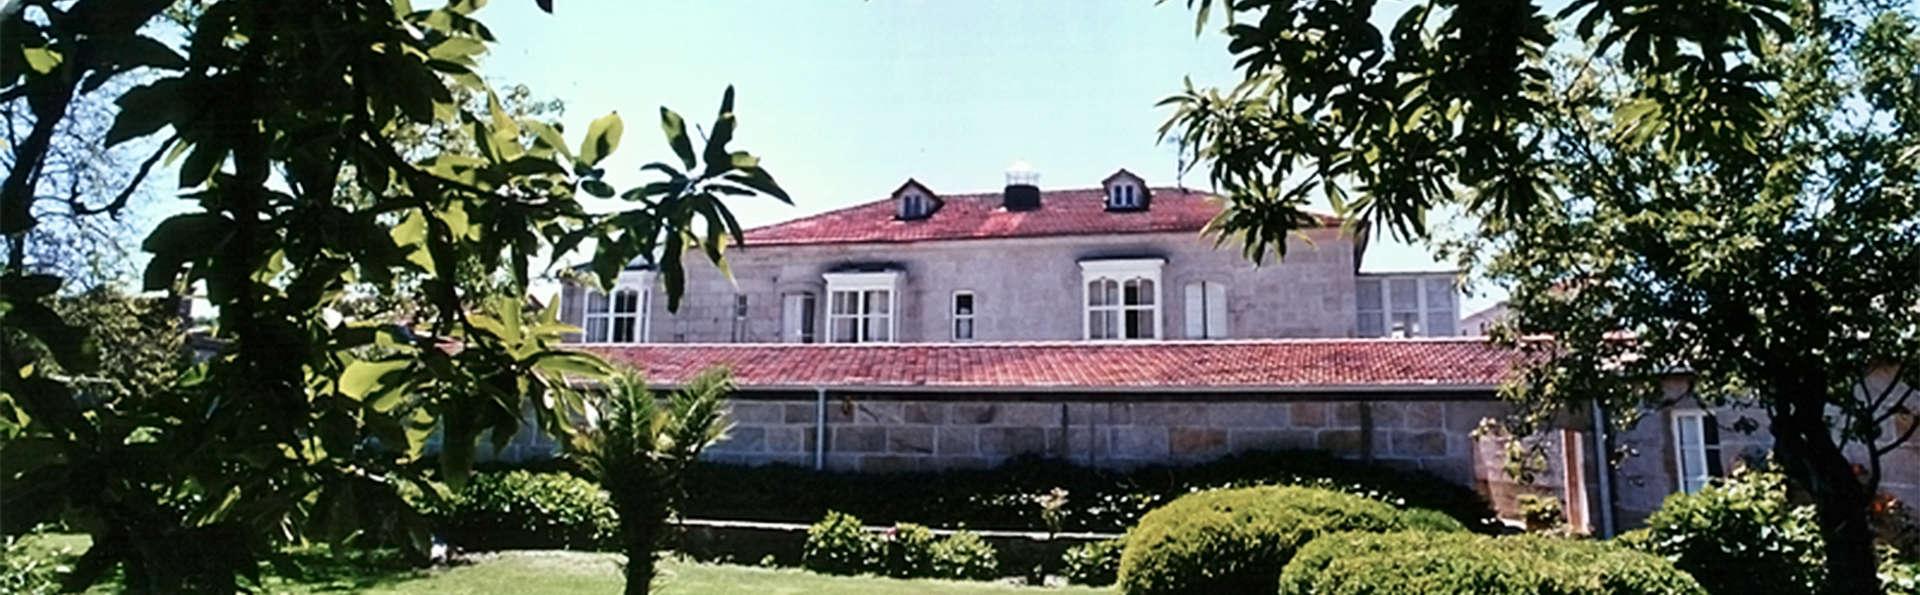 Desconexión en plena naturaleza en una auténtica casa típica solariega del siglo XIX